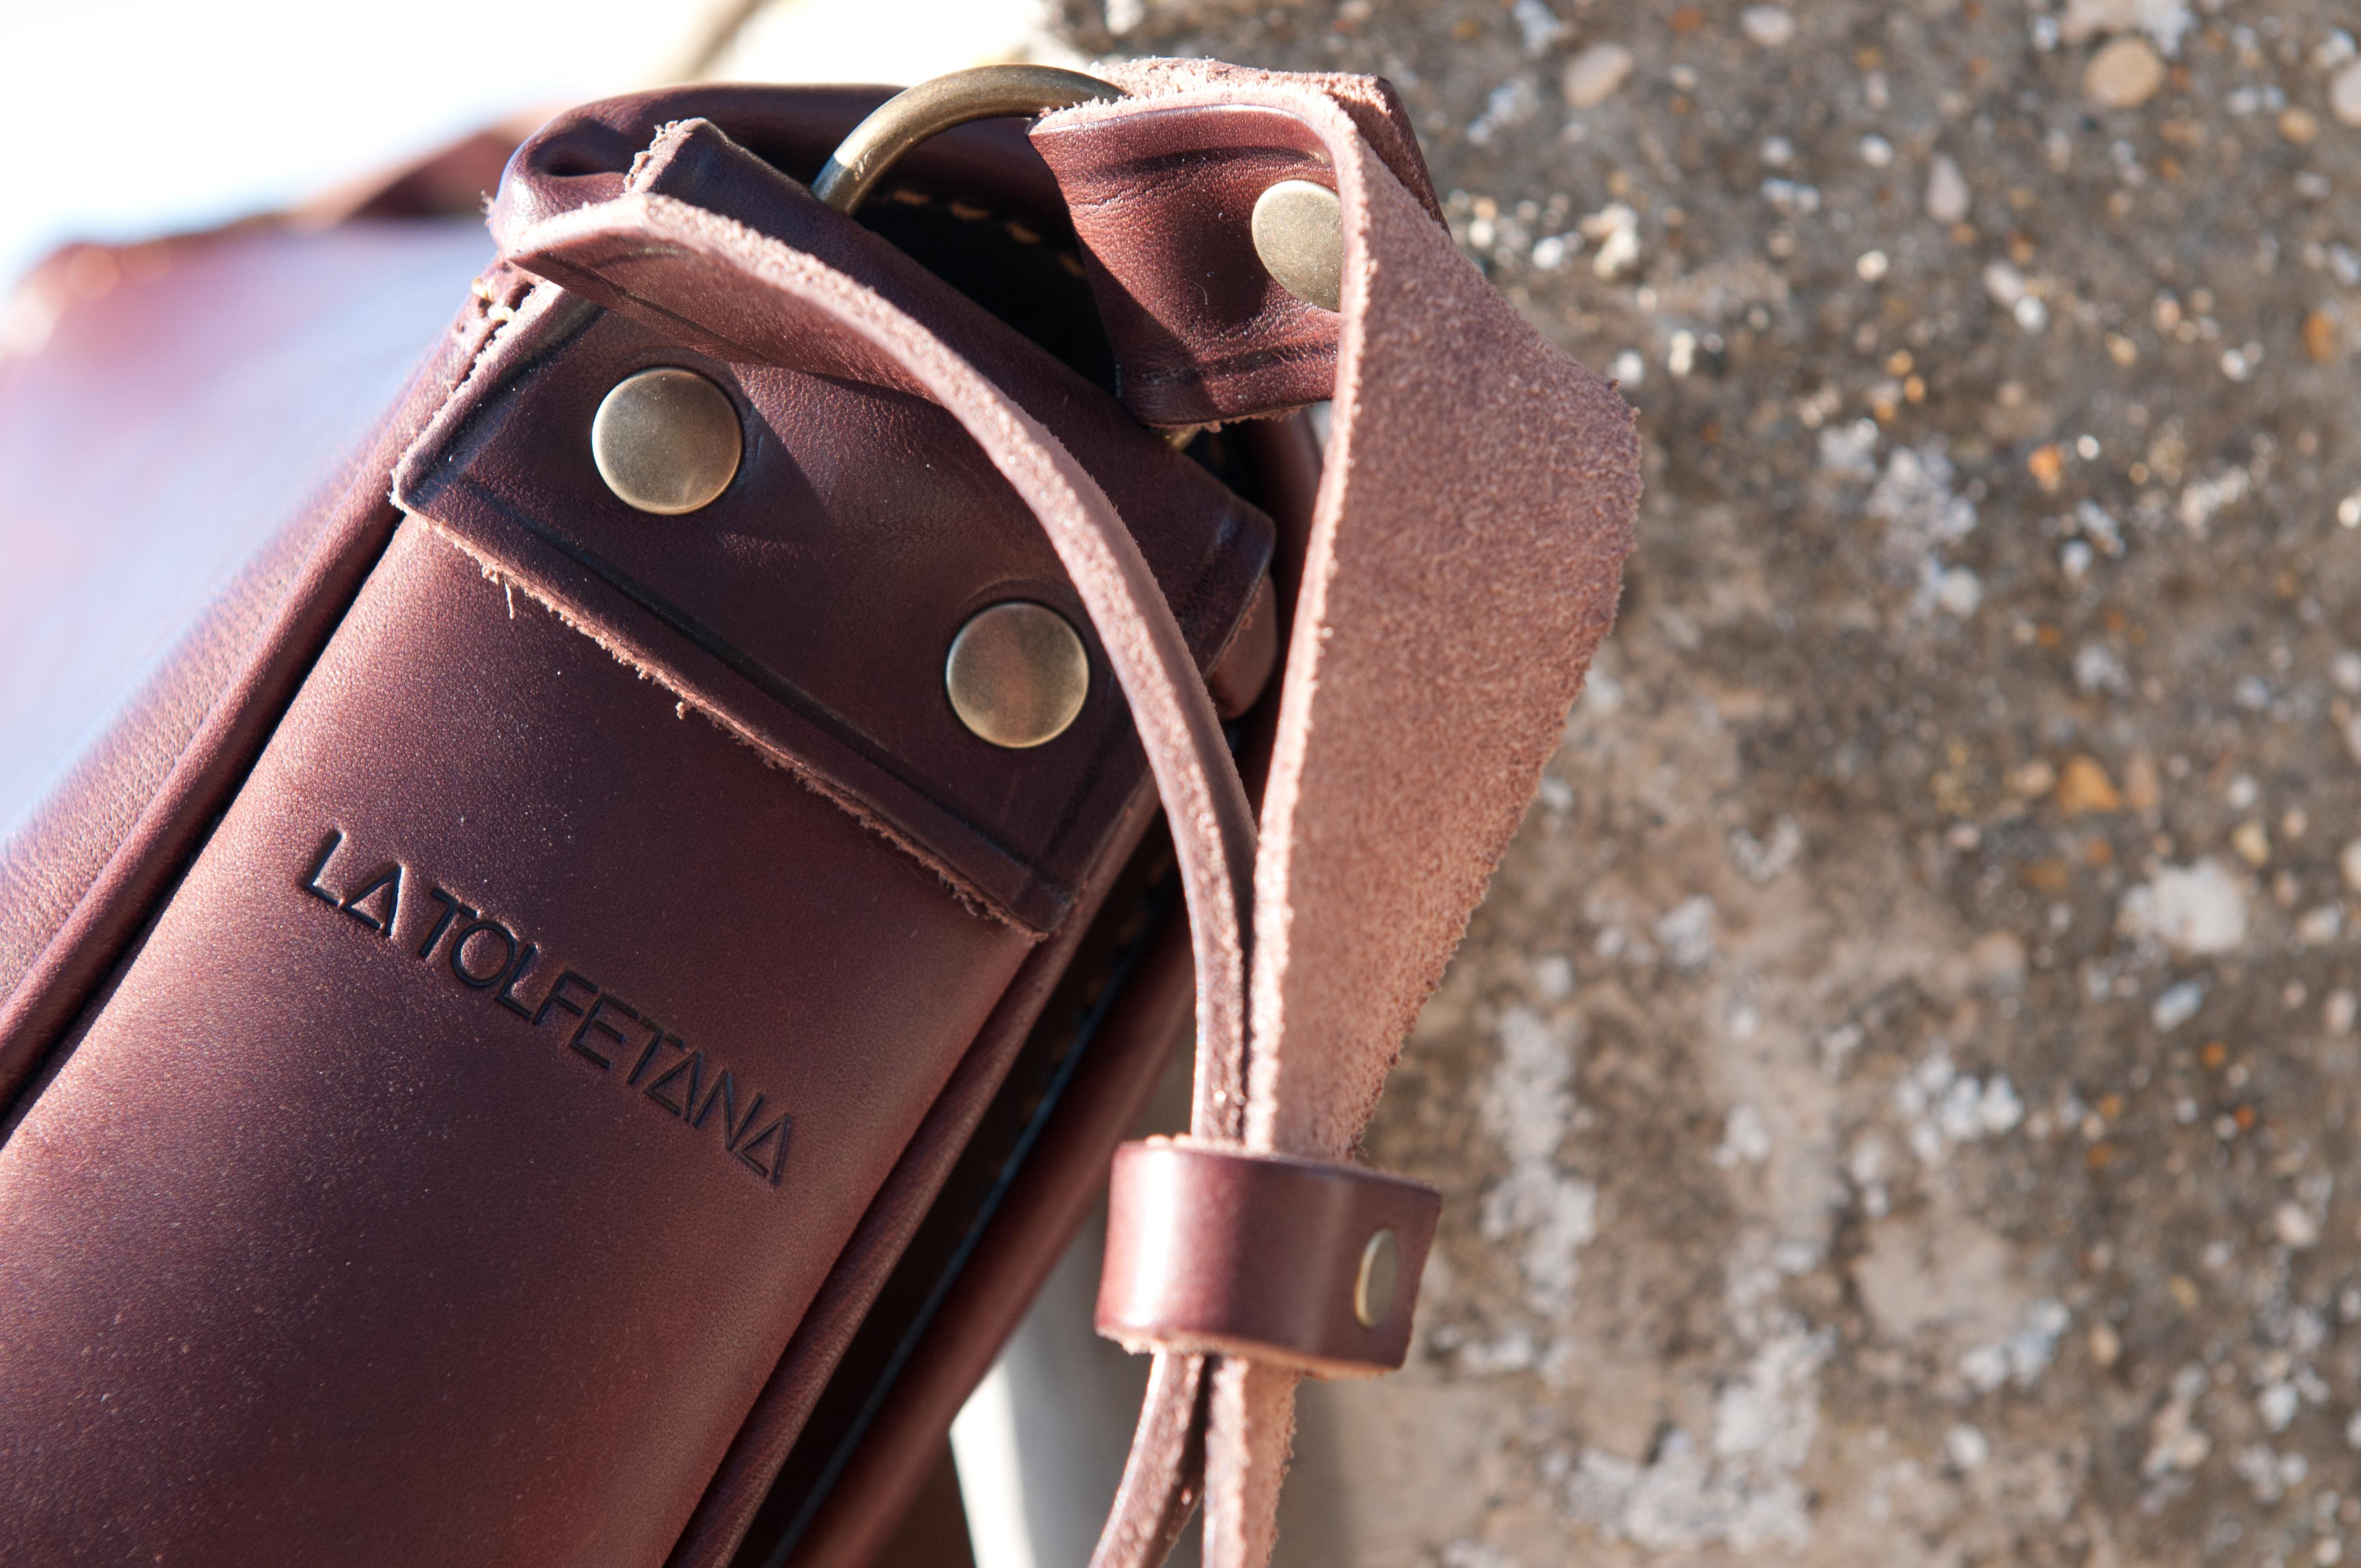 Borse Artigianali Pelle Veneto : Borse in pelle artigianali